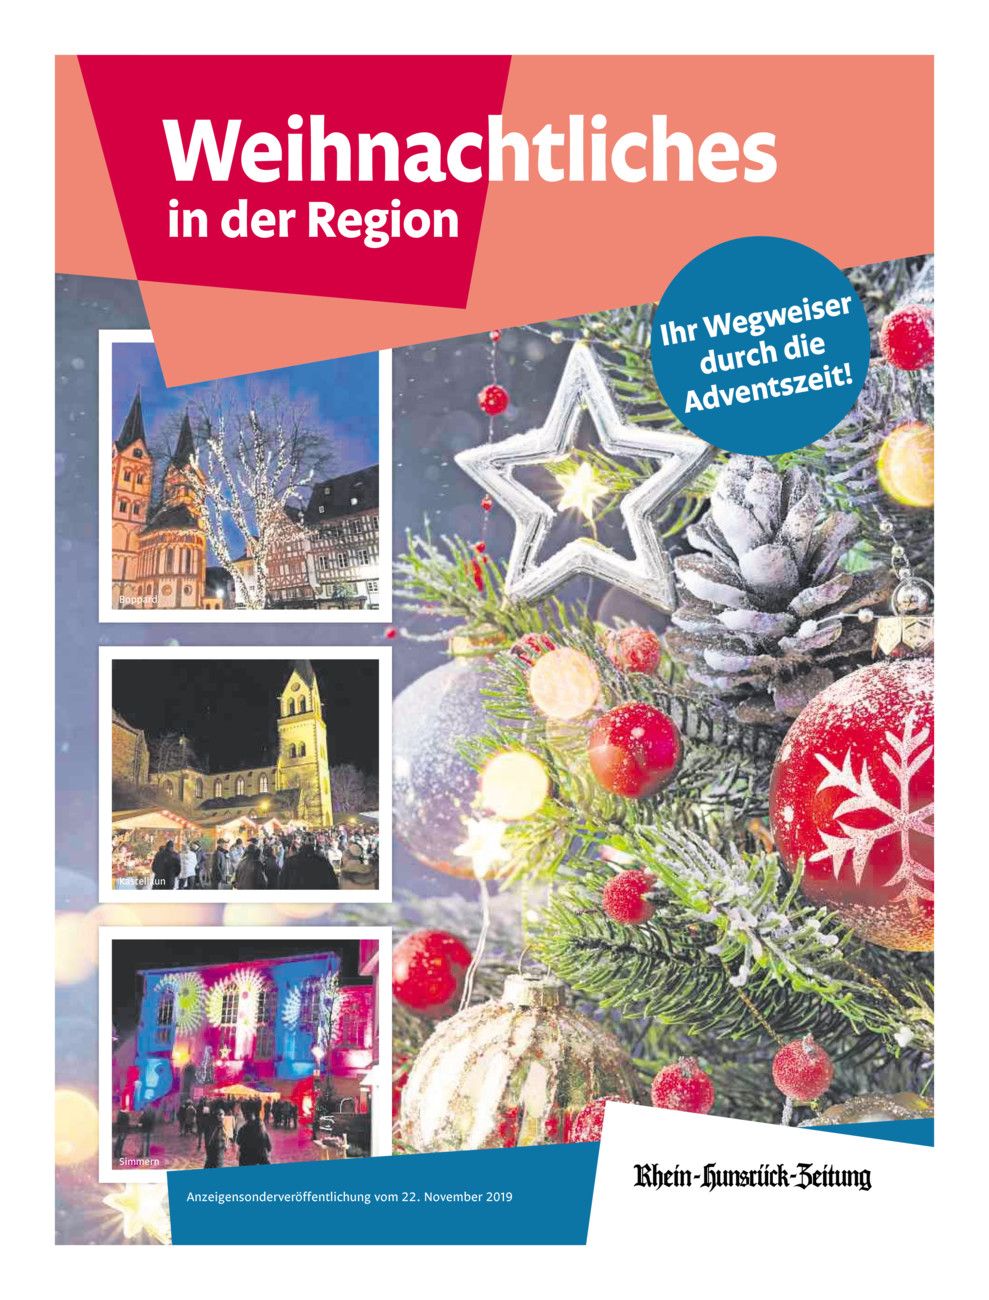 Weihnachtliches in der Region